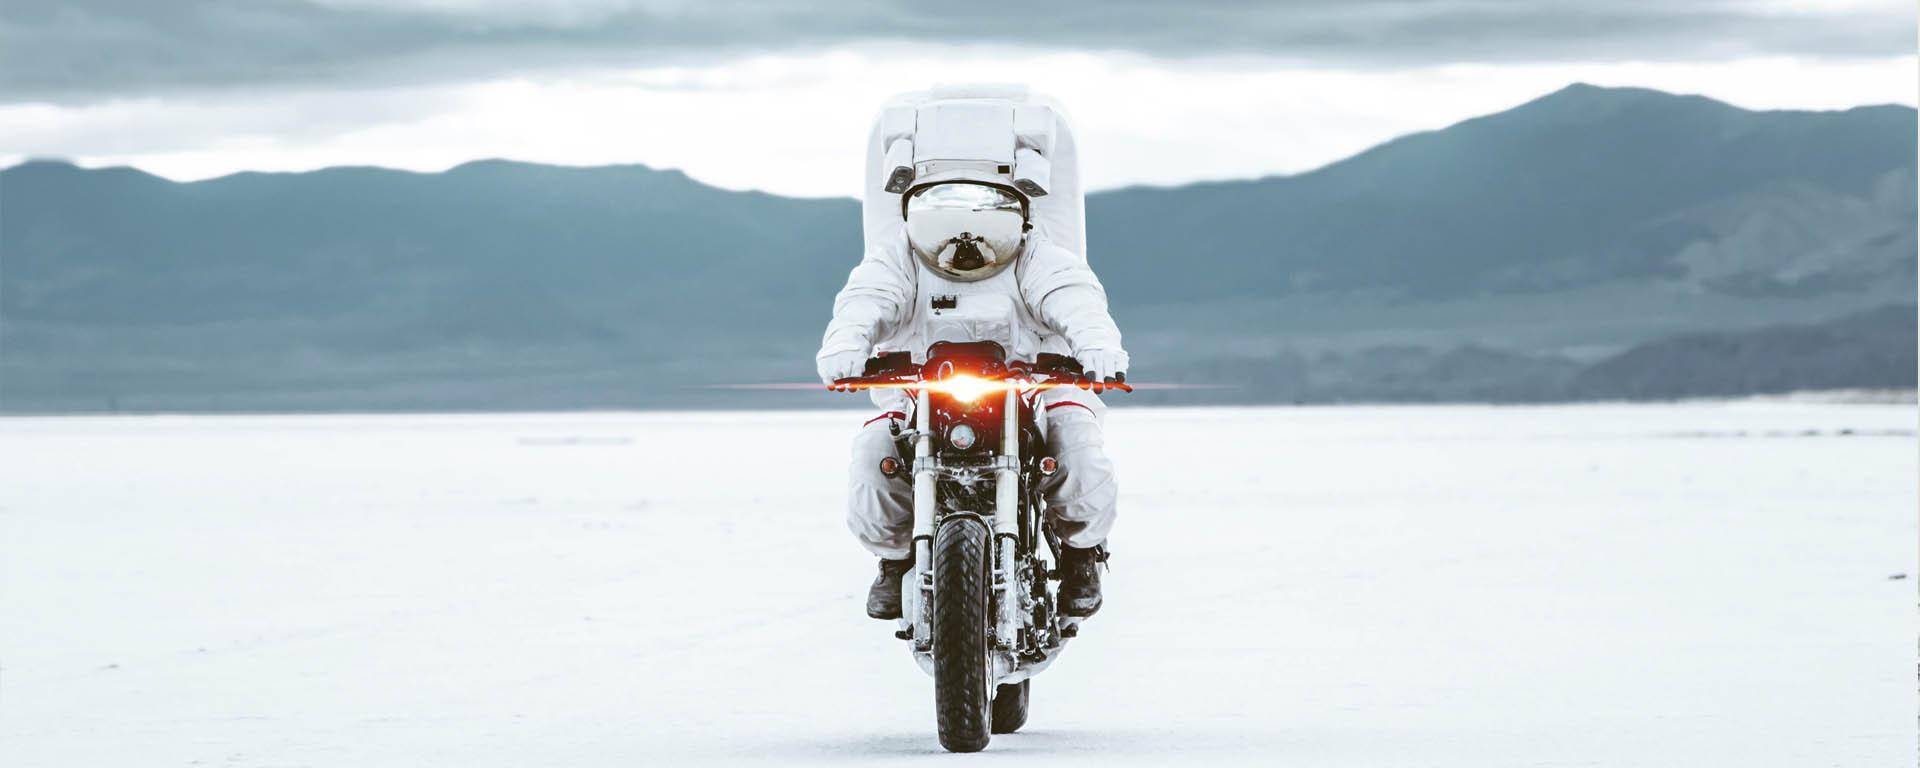 Ruimtepak - Astronaut